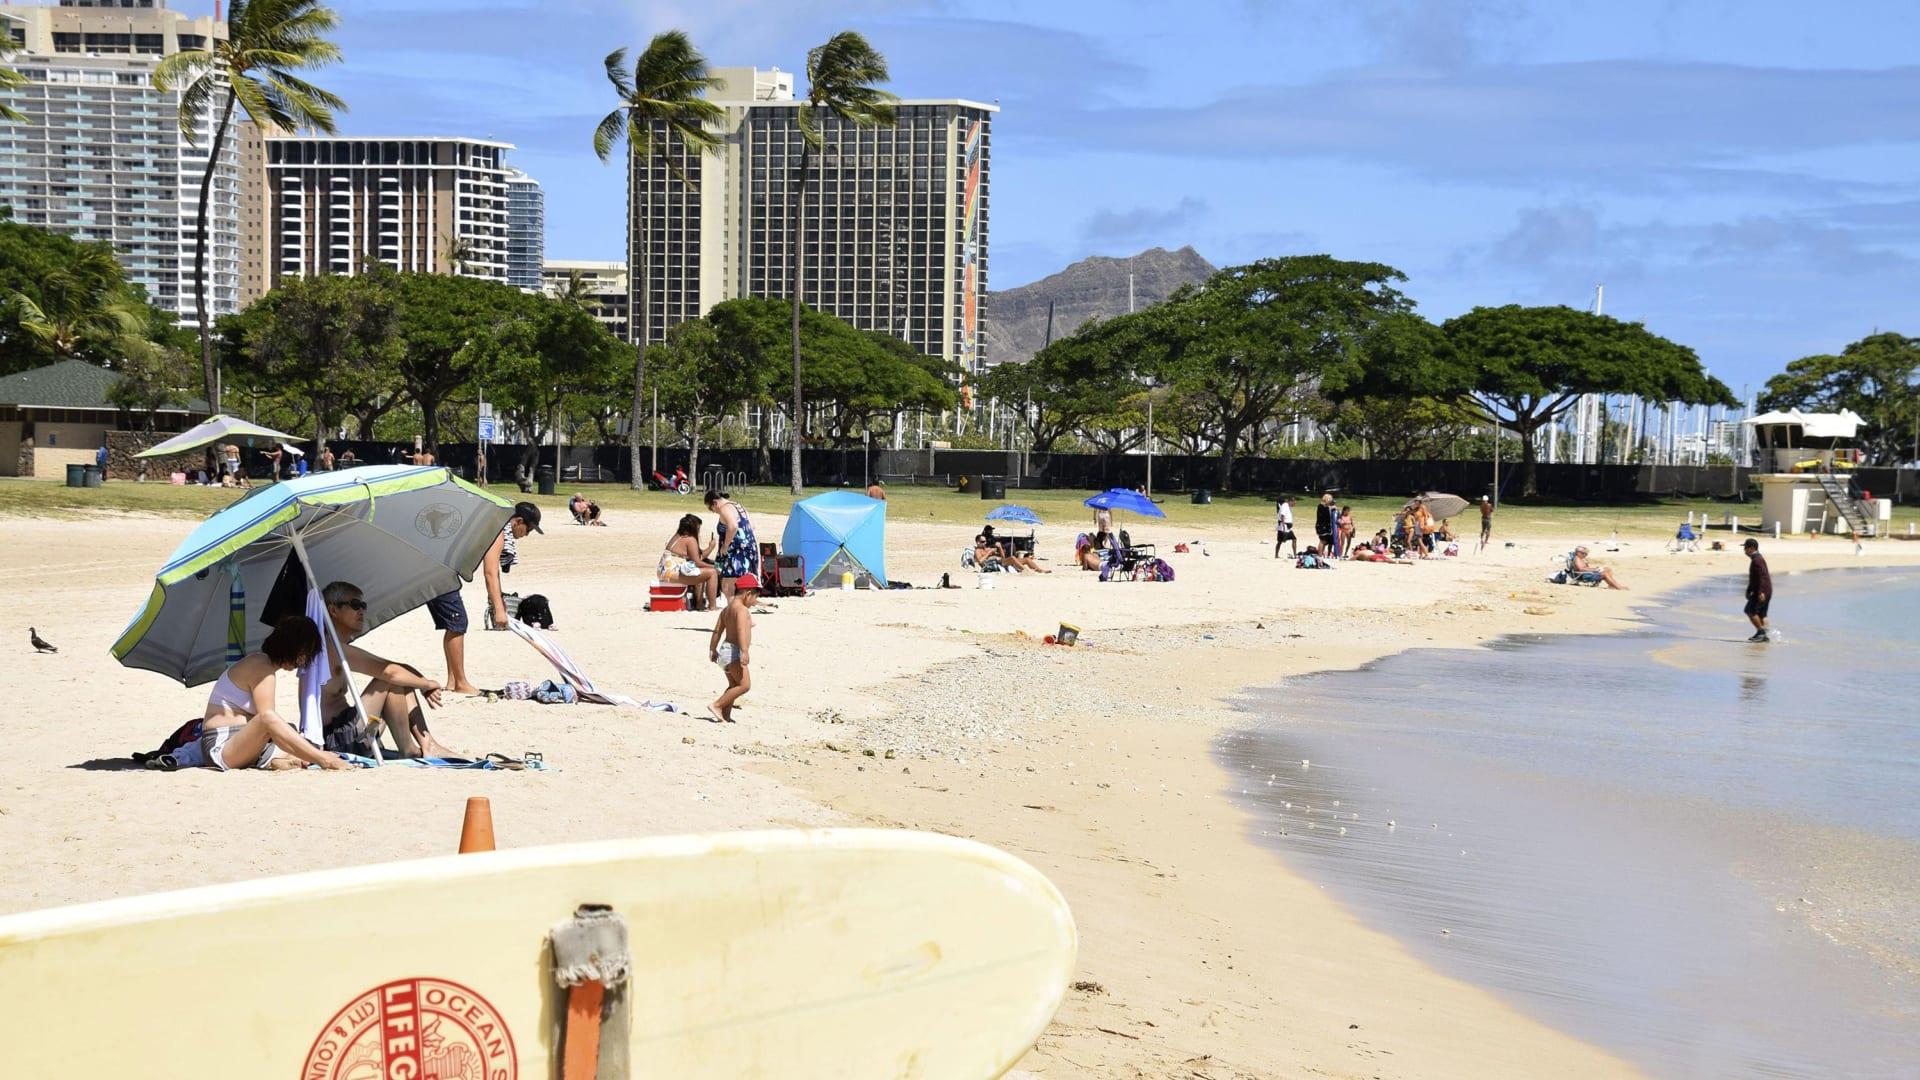 تعمل عن بعد؟ هاواي ستقدم لك رحلة ذهاب وإياب مجانية للعيش بها